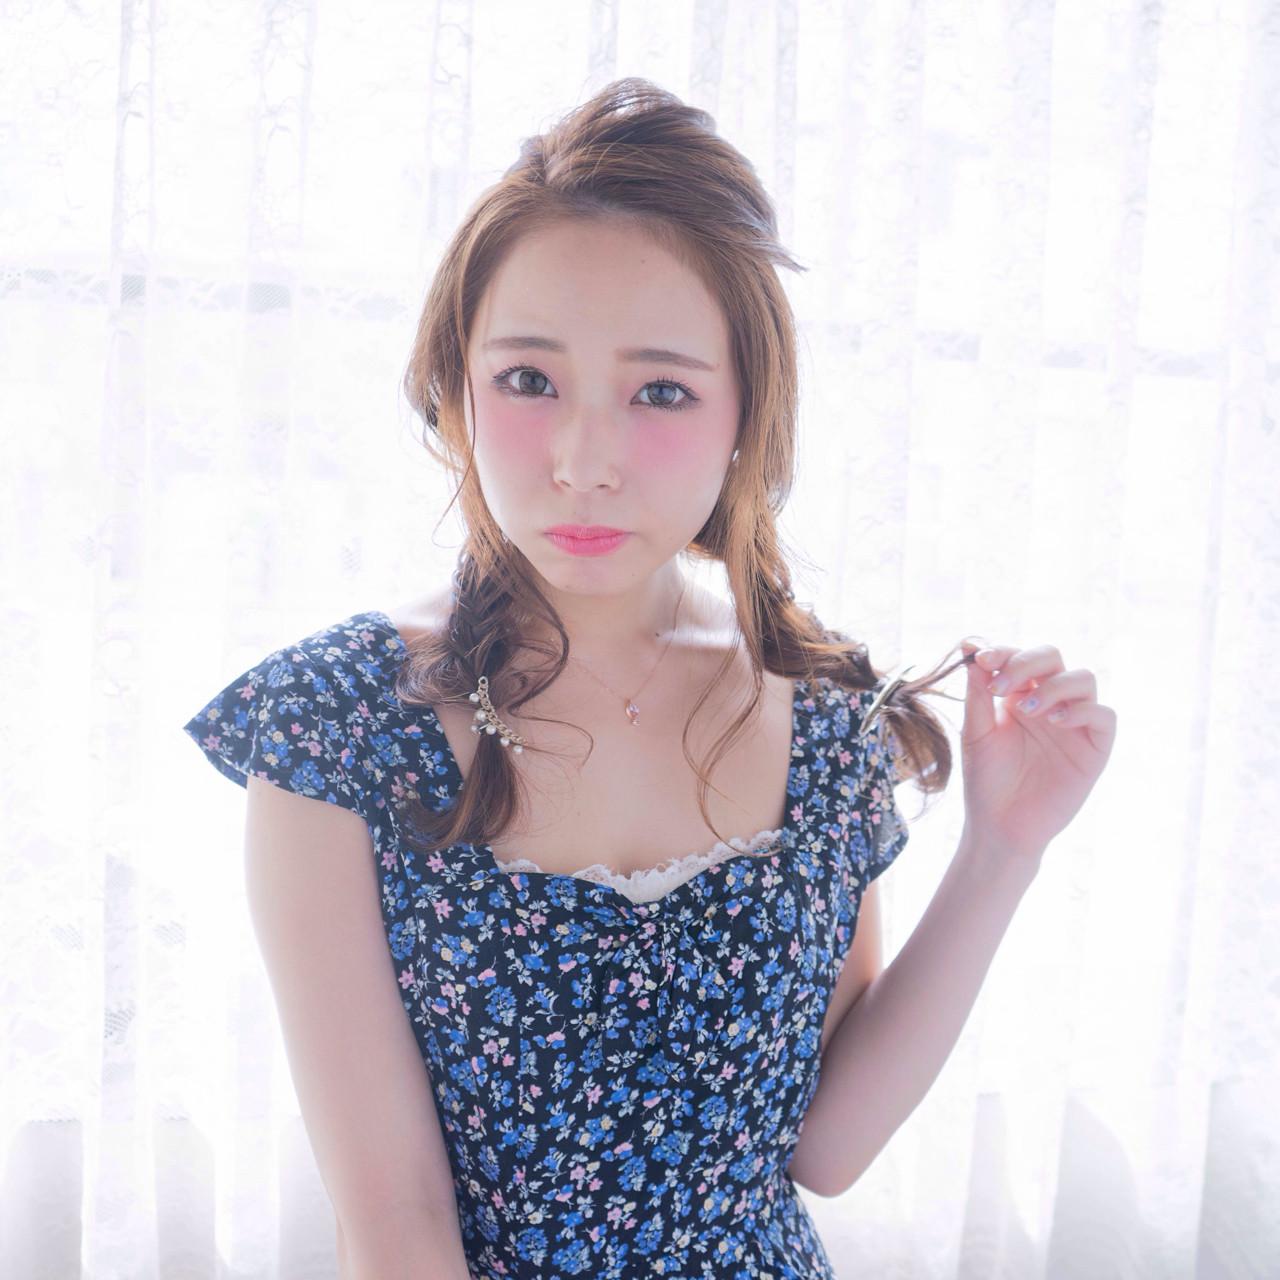 [詳しい方法付き]毎日をオシャレに飾りたい!誰でもできる簡単ヘアアレンジ特集 出典:村松彩 / ojiko.